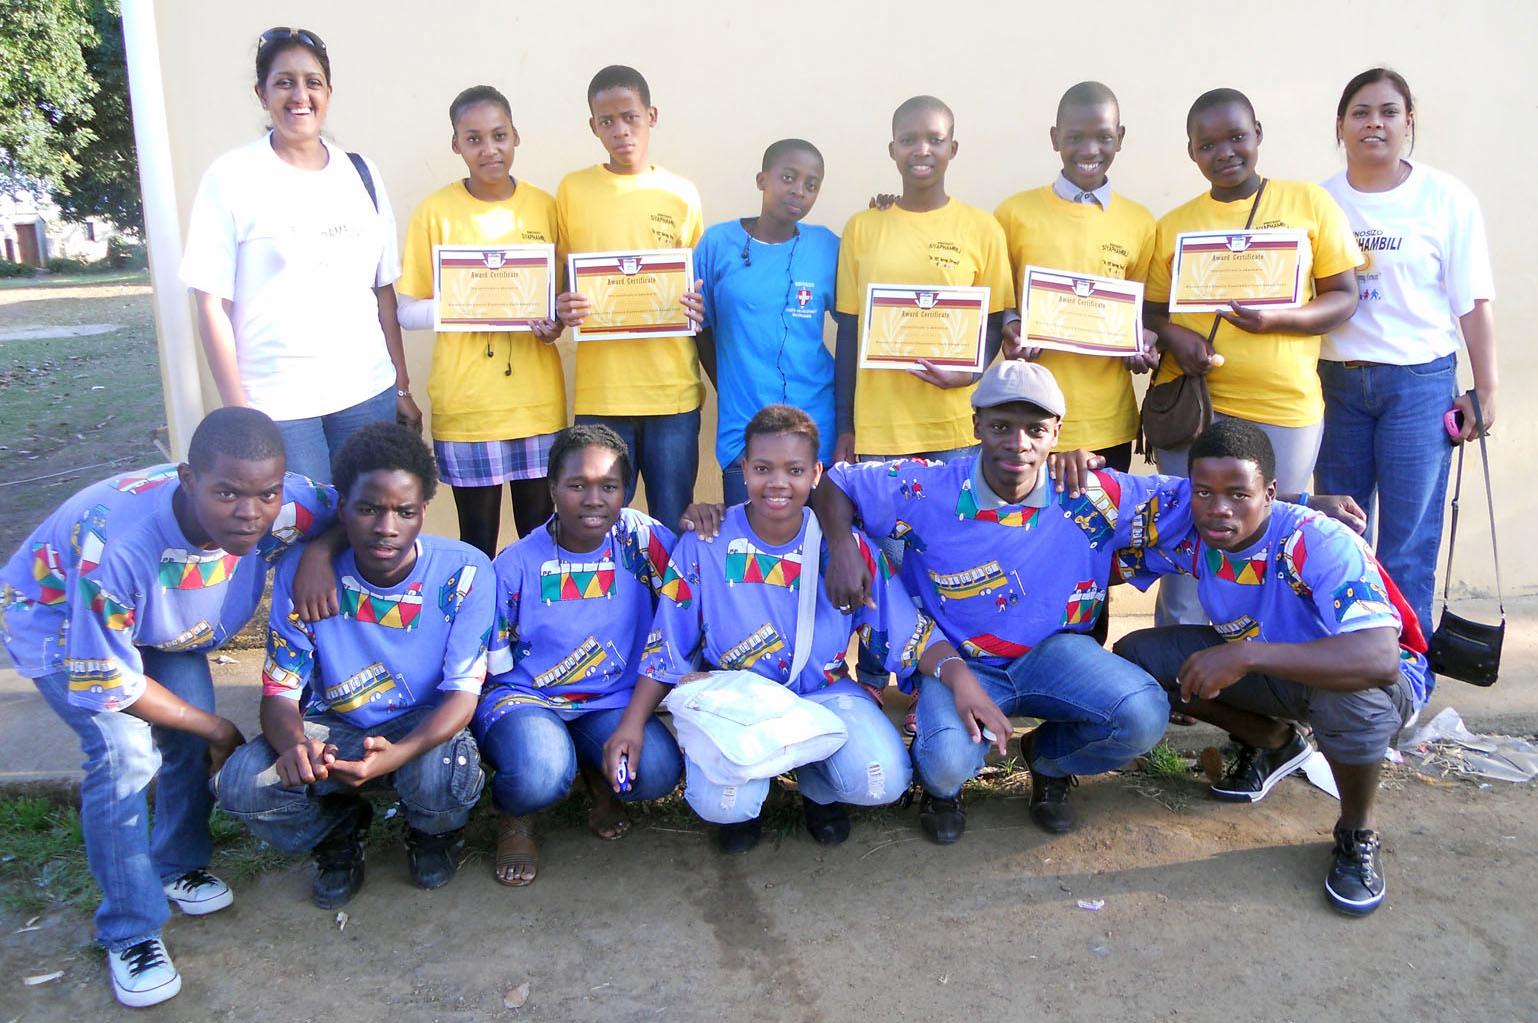 Youth Debate Team winners